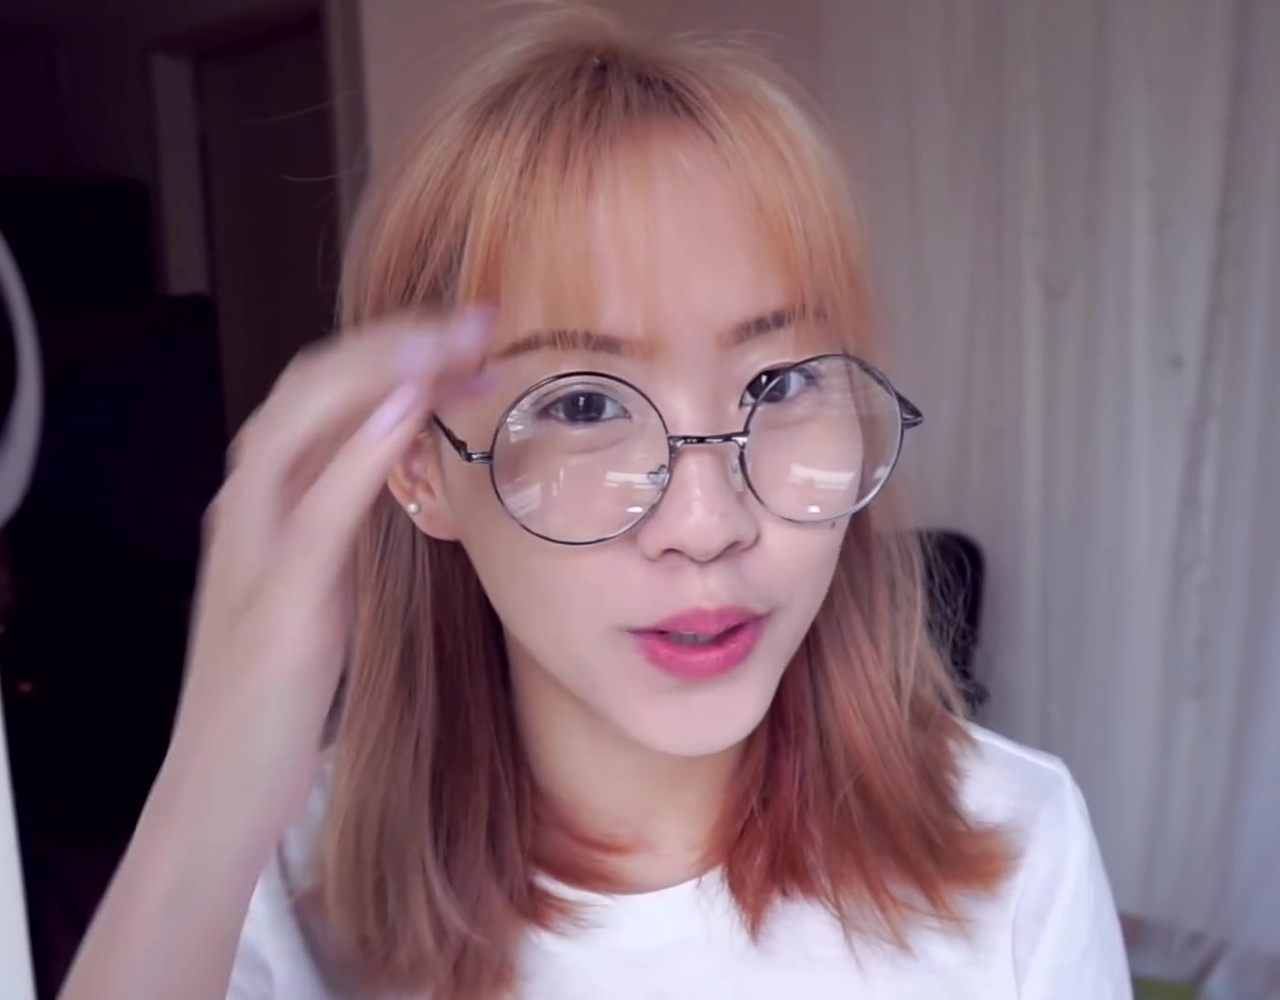 {搬运}GET READY WITH ME_復古圓眼鏡妝+半丸子頭教學!Glasses Makeup- Half Bun Hair Tutorial